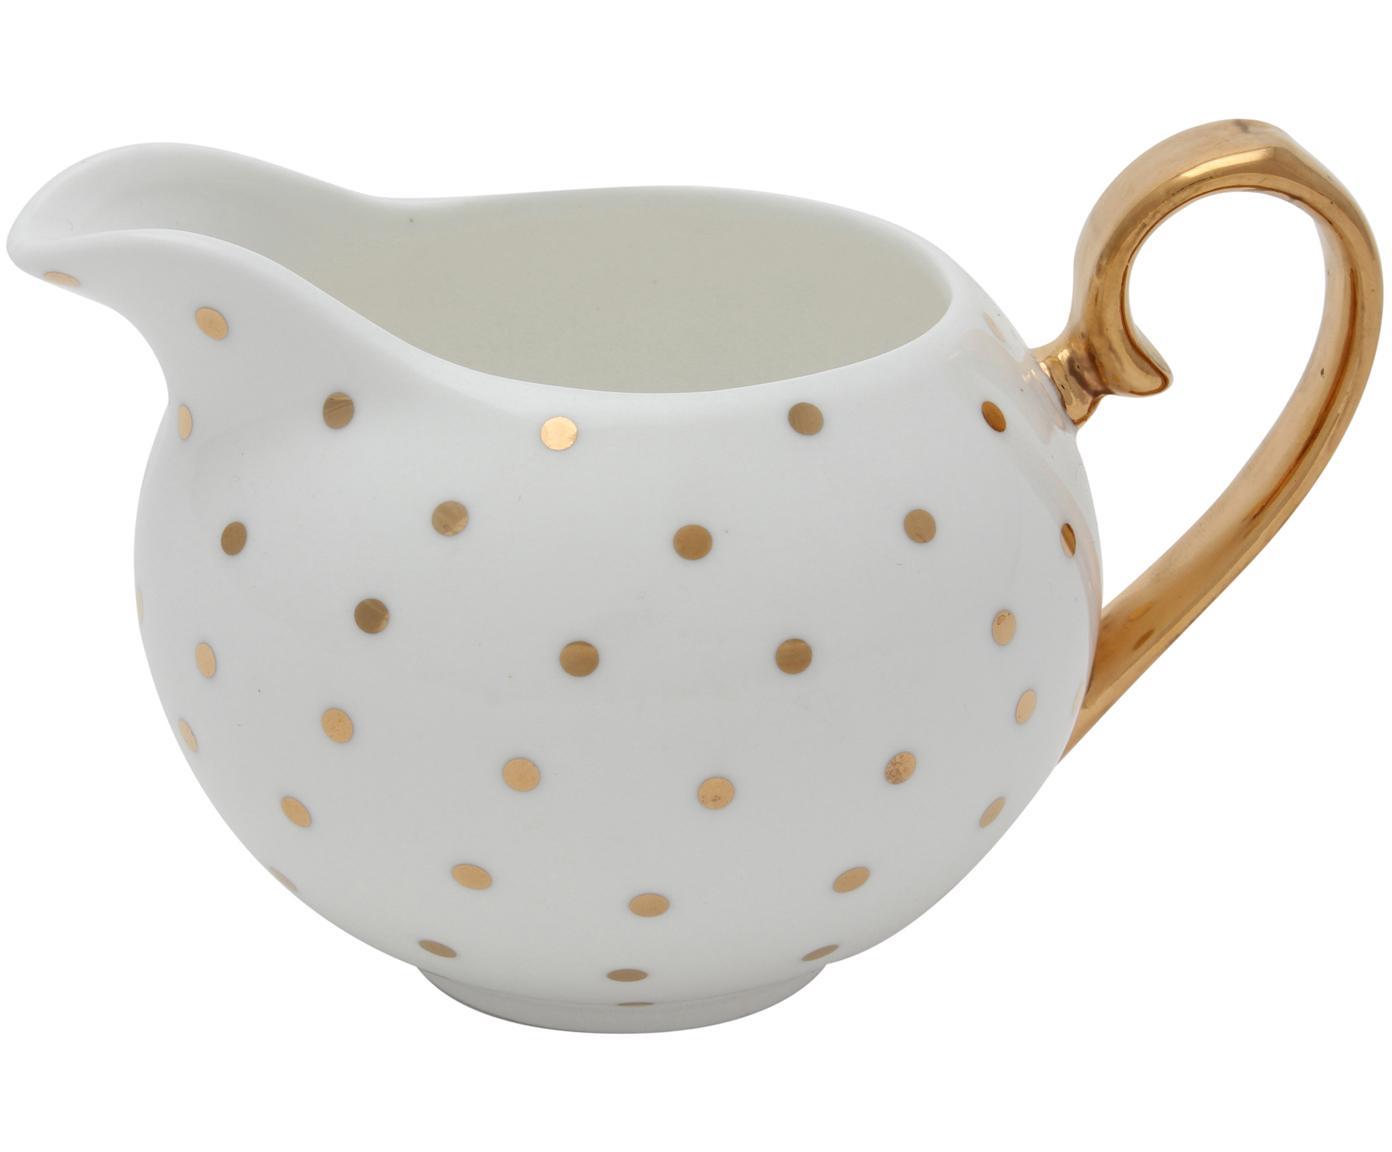 Dzbanek do mleka Miss Golightly, Porcelana chińska, pozłacana, Biały, złoty, Ø 6 x 7 cm